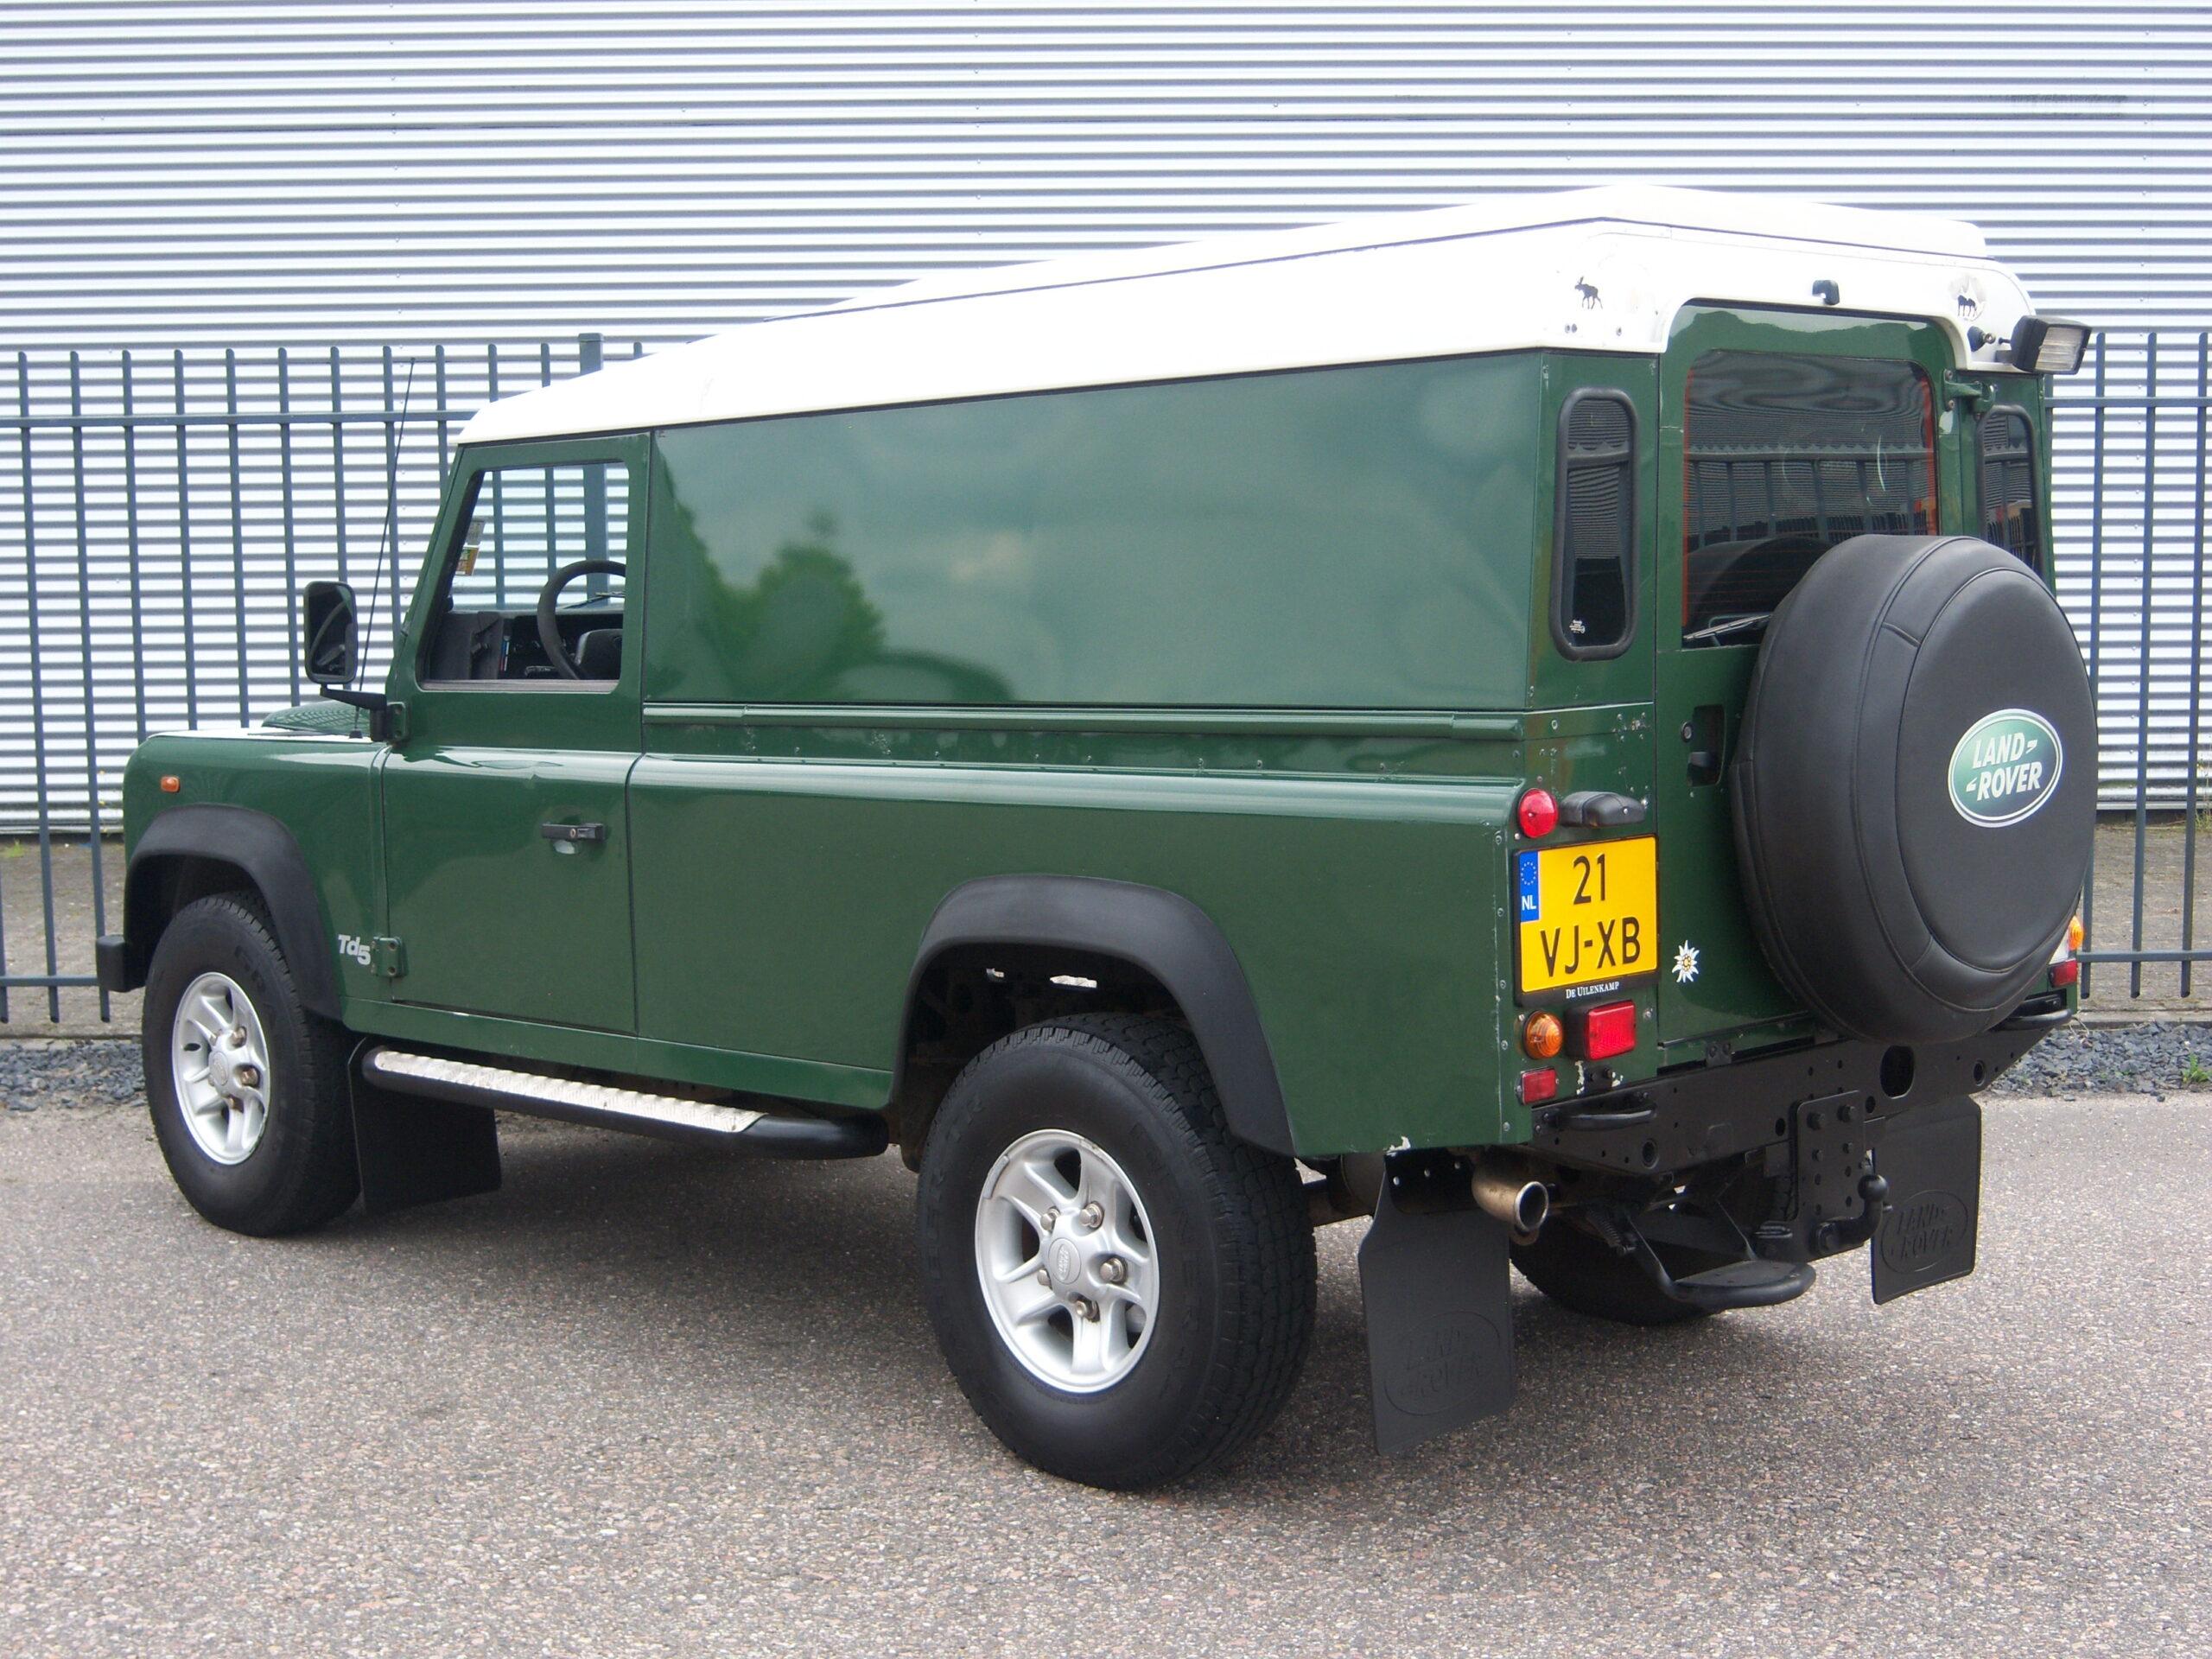 Land Rover Defender 110 Td5 Hard Top/ Kampeer uitrusting/ Youngtimer